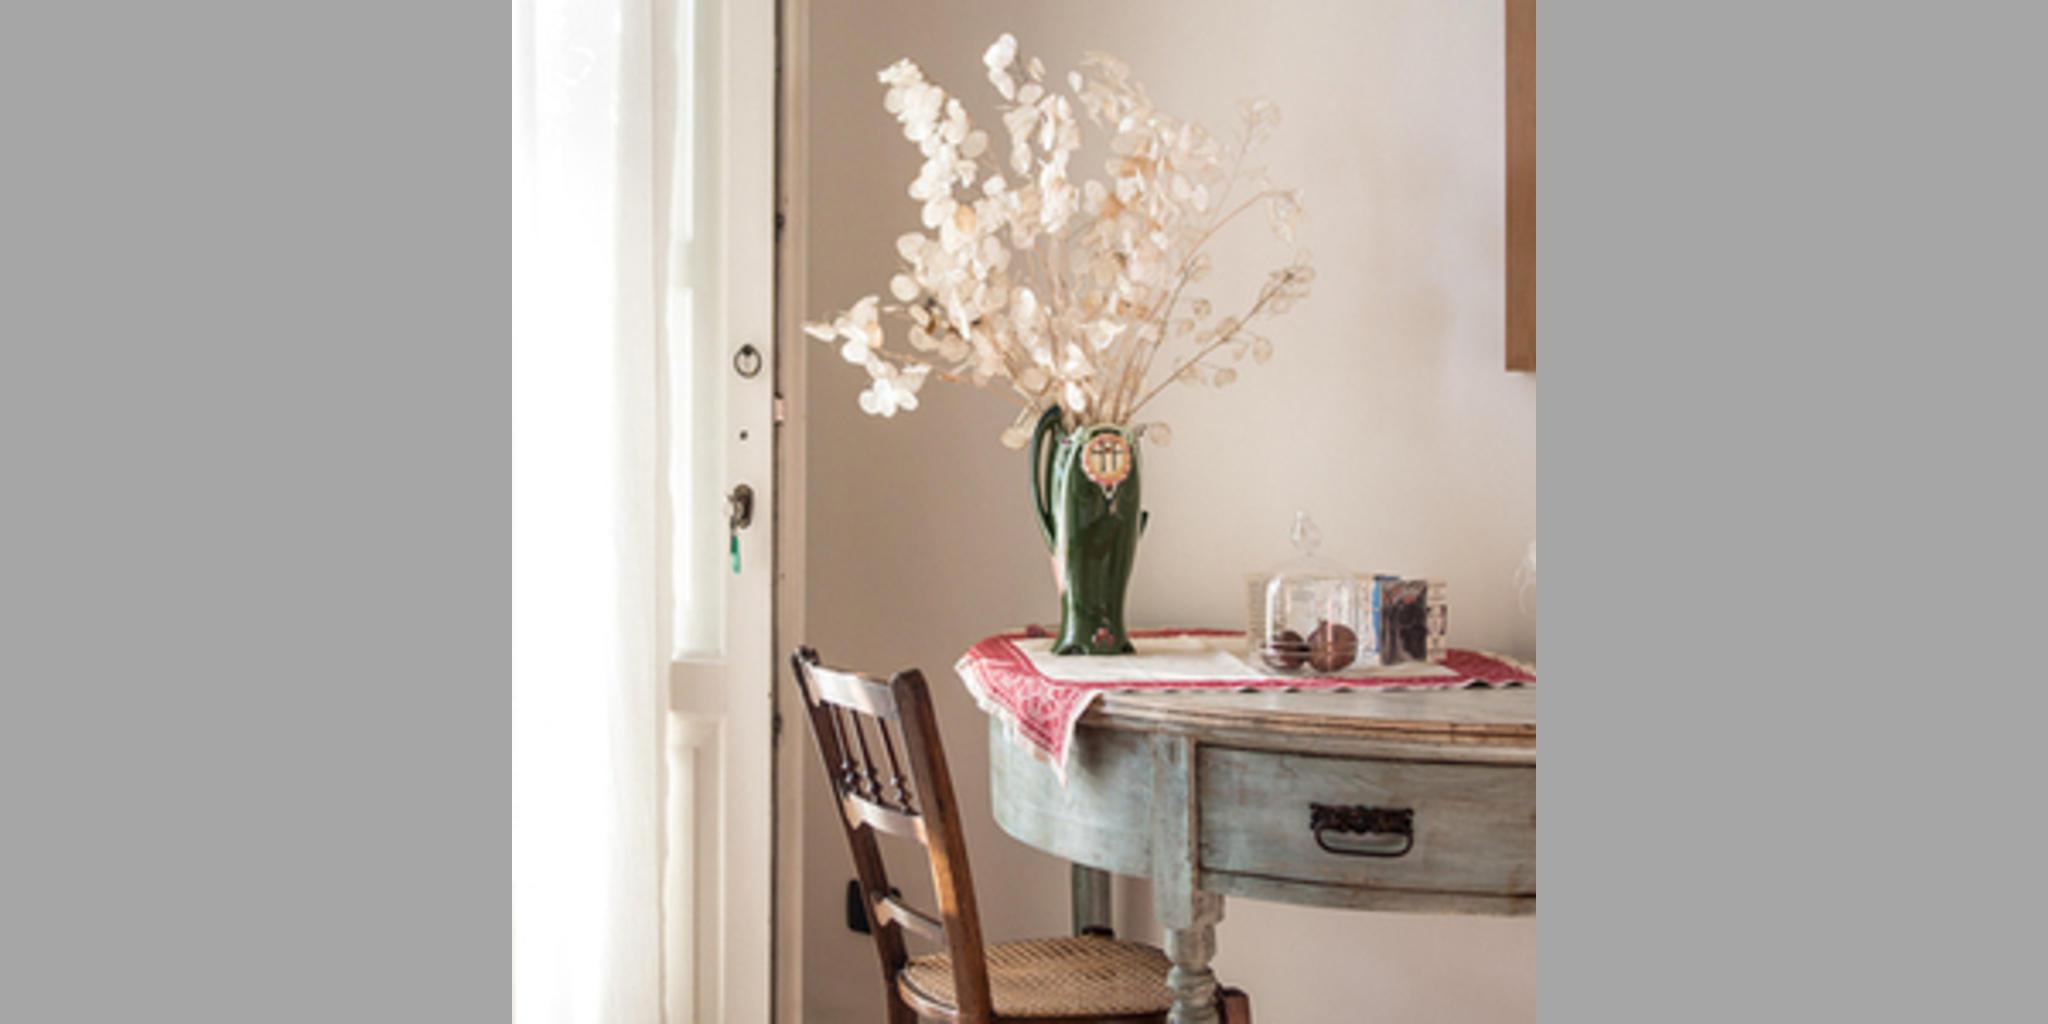 Bed & Breakfast Valverde (CT) - In Azienda Agricola